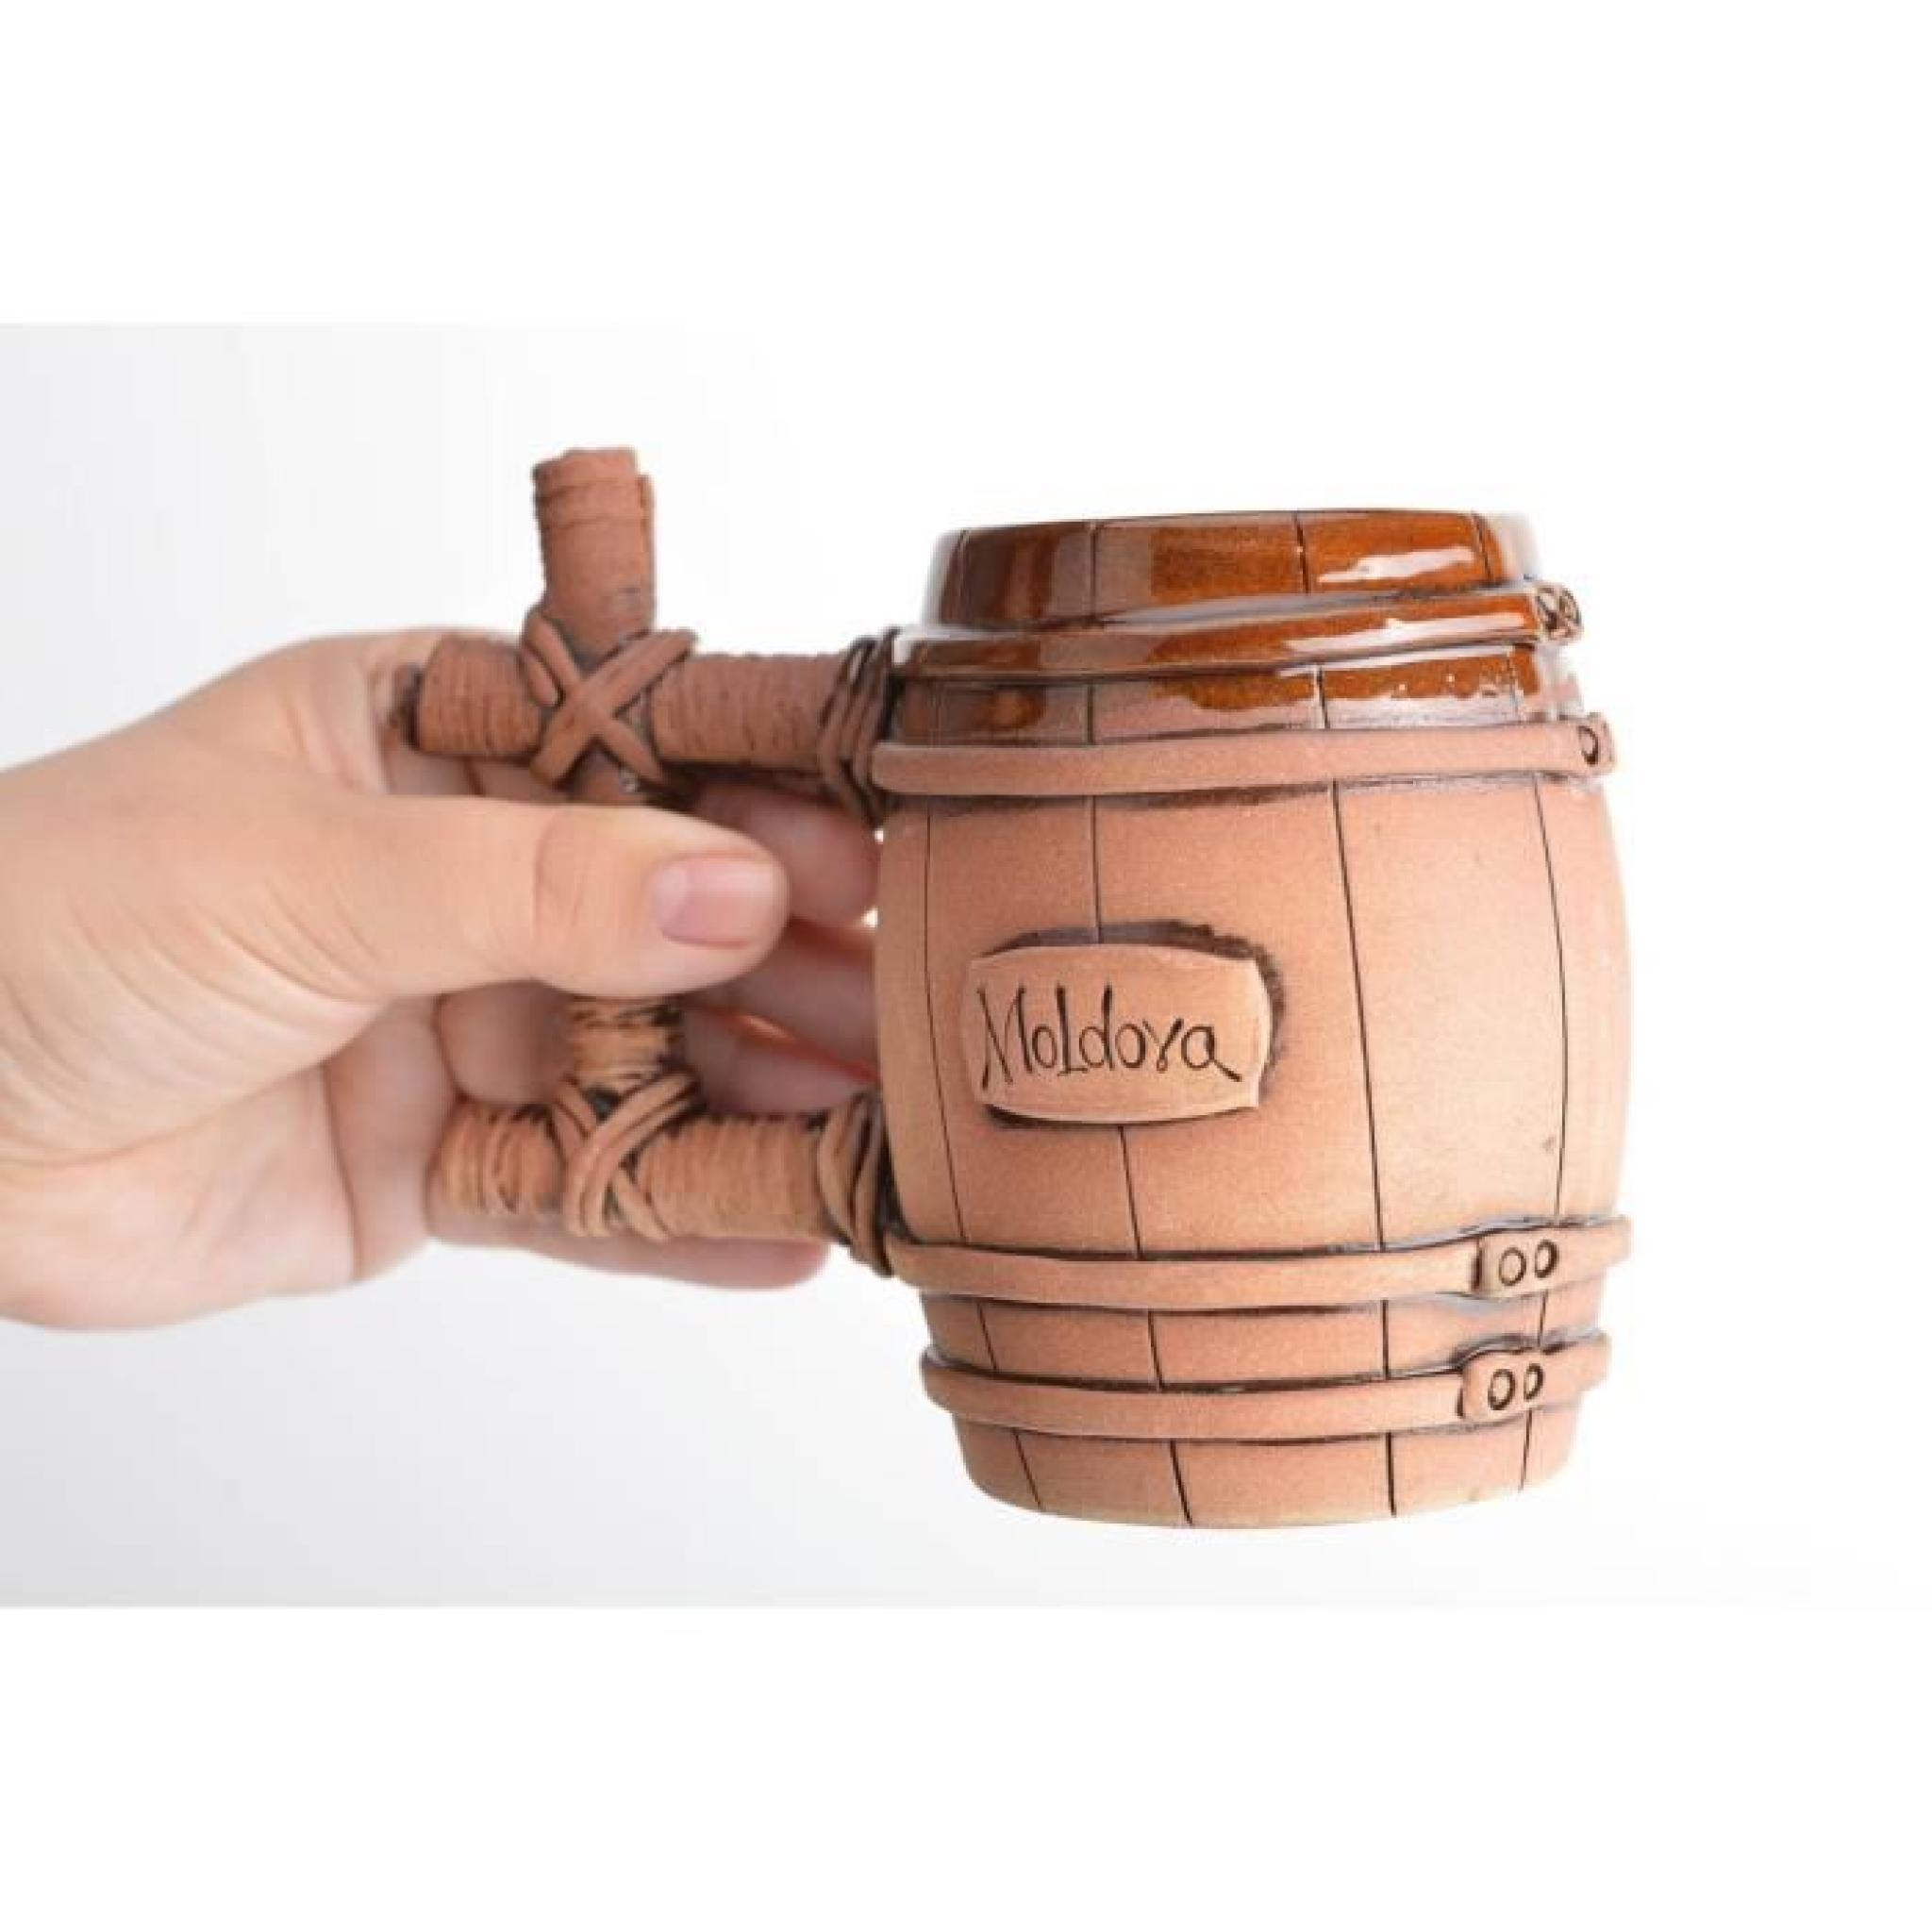 Chope tonneau en terre cuite faite main couverte - Achat Vente ... cec8613484f9